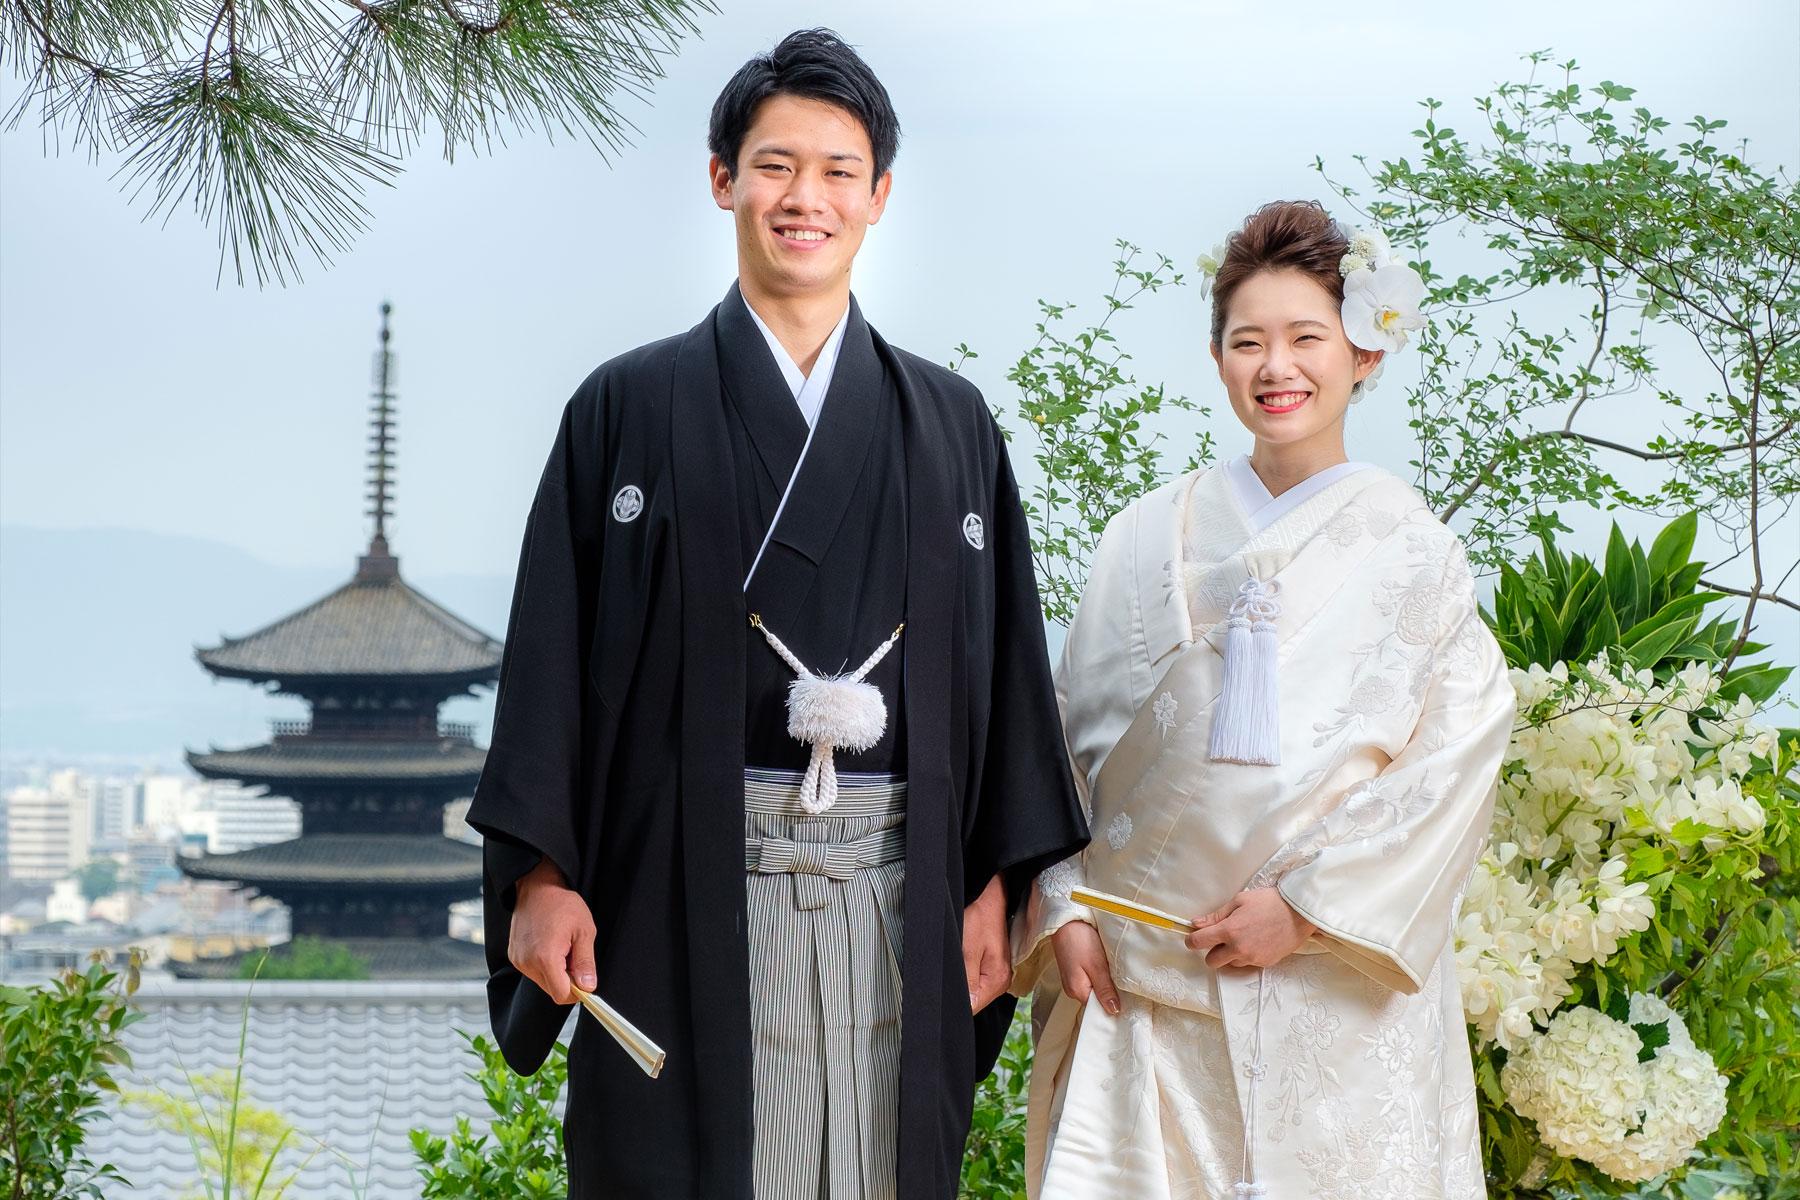 五重塔を背景とした紋付袴姿の新郎と白無垢姿の新婦